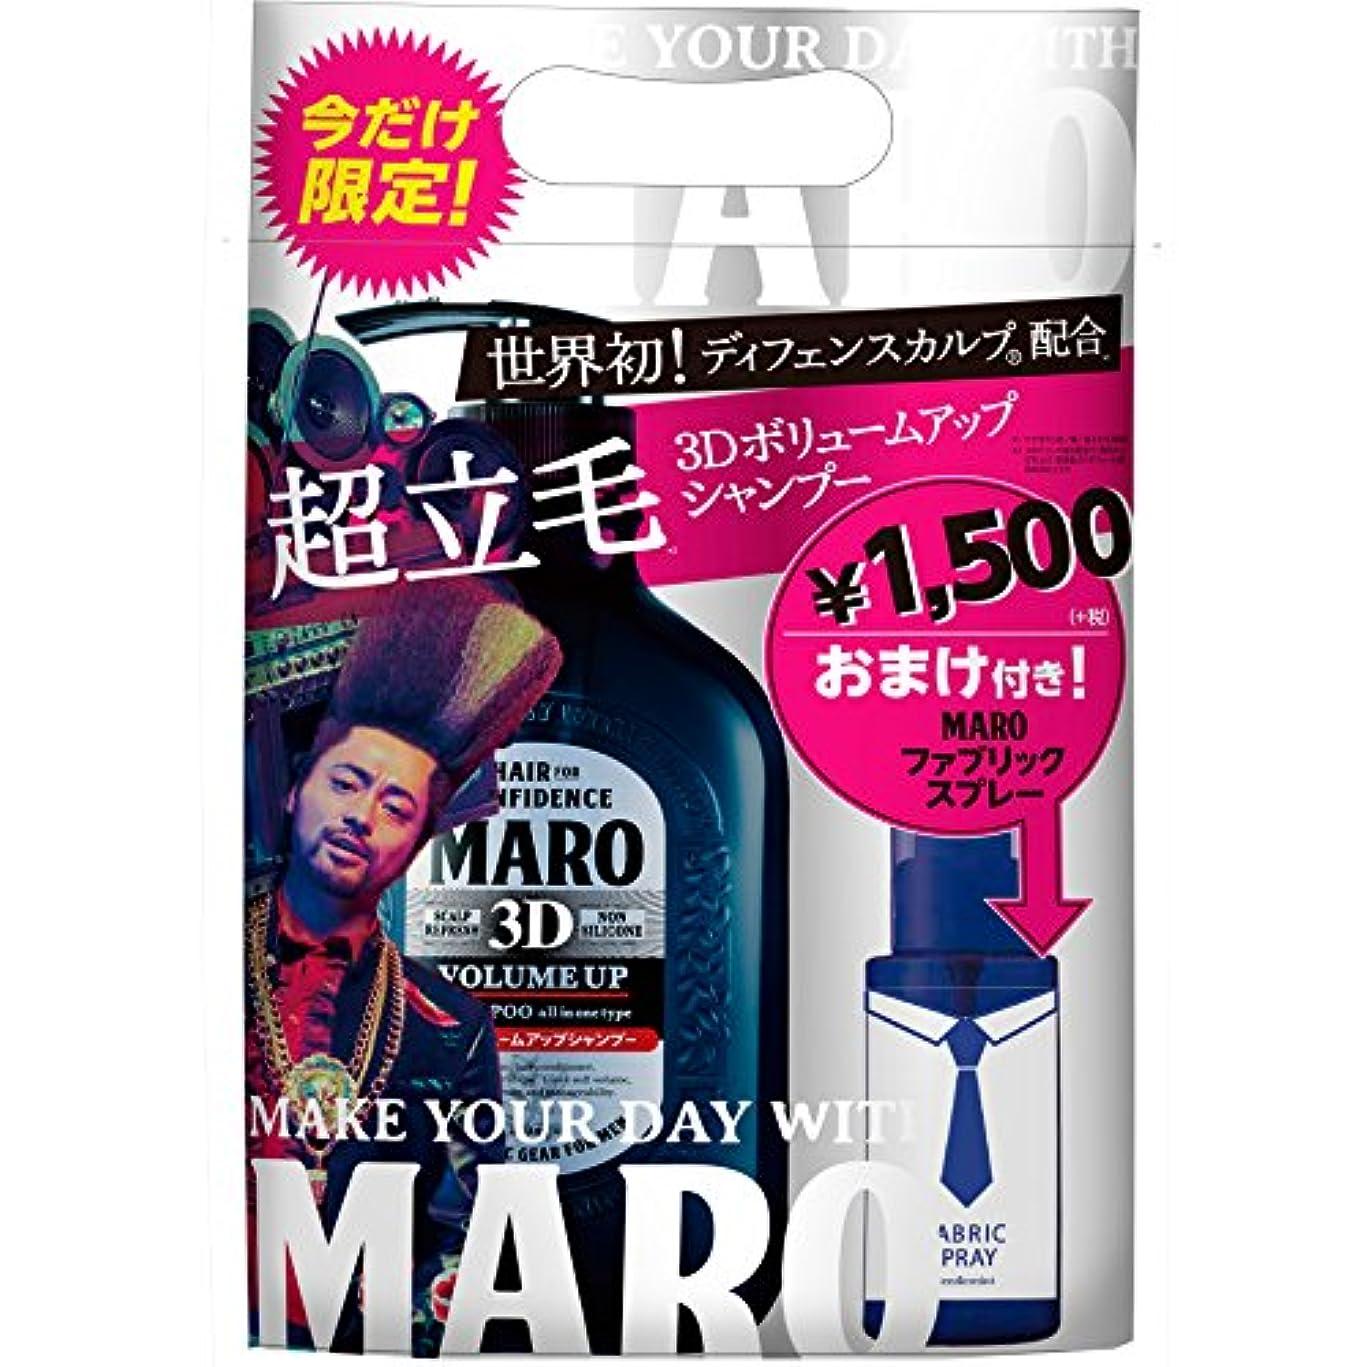 致命的な不十分な今日MARO 3DボリュームアップシャンプーEX ファブリックスプレー付 460ml